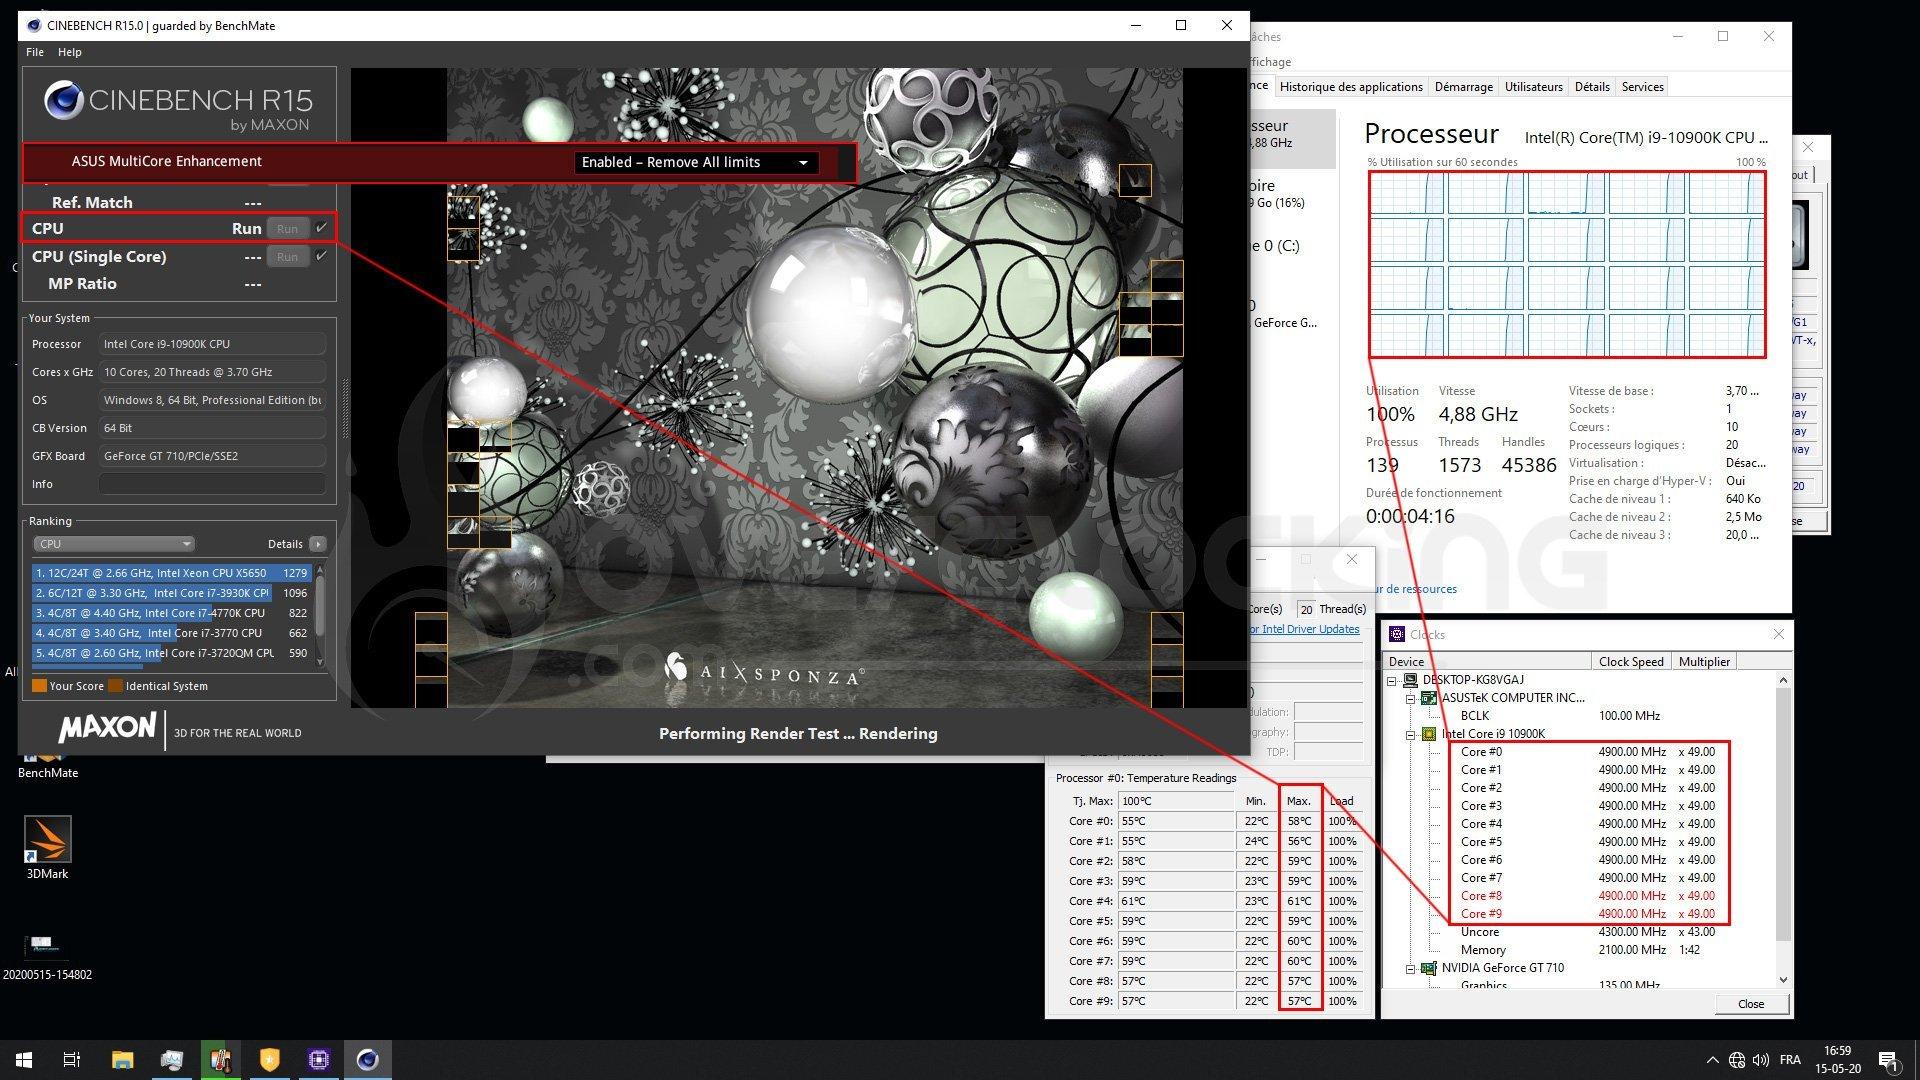 Performance 10900K en multi core avec le MCE enabled